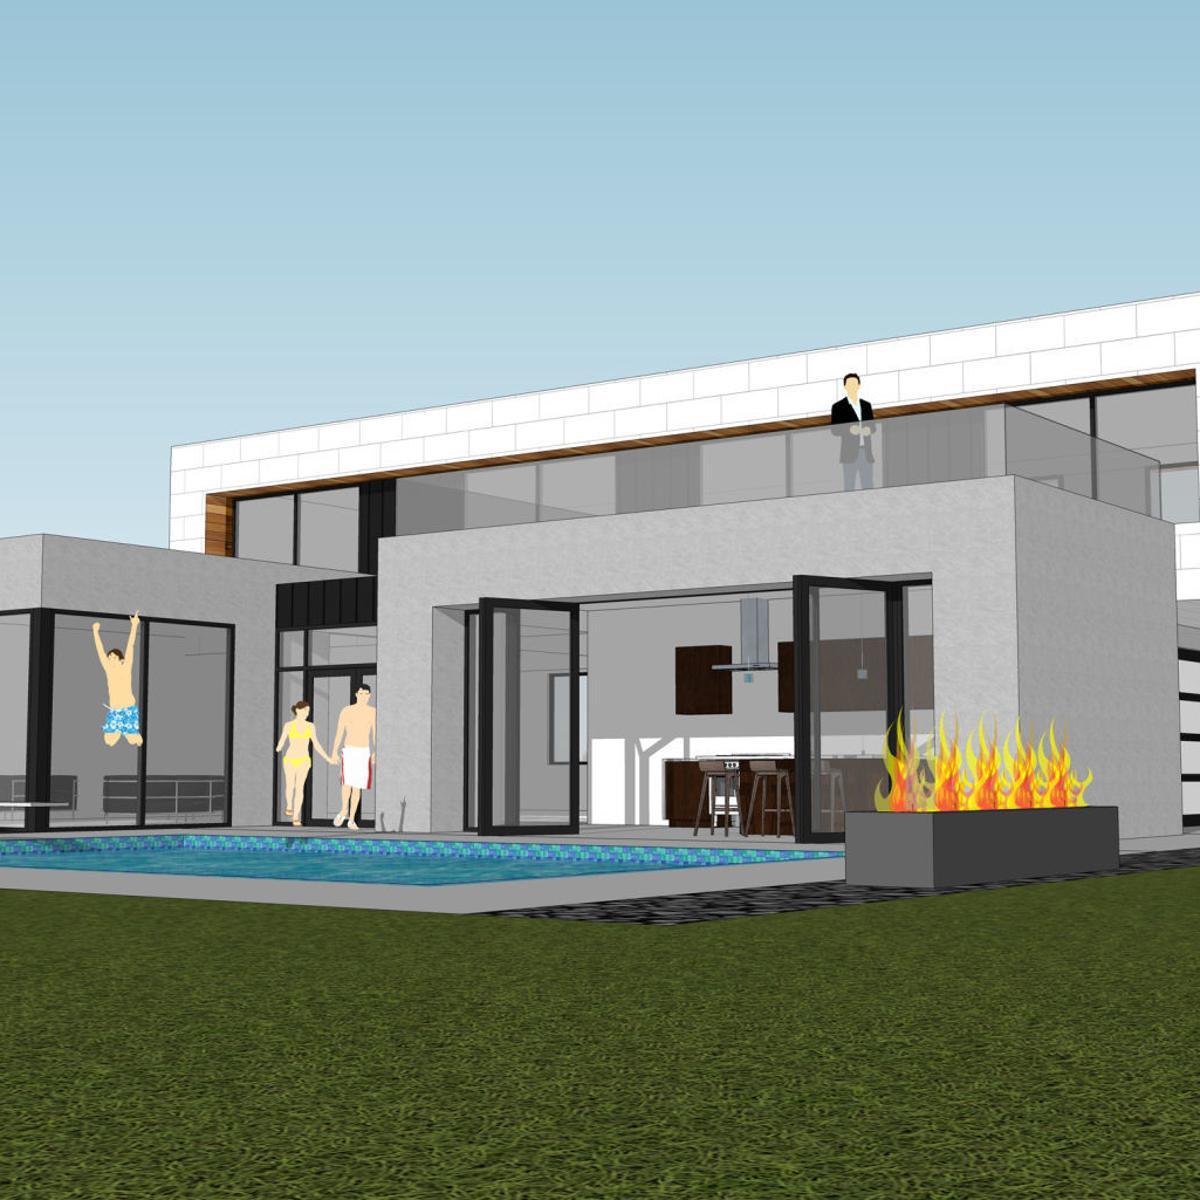 Home Builders Show Lincoln Nebraska - Homemade Ftempo